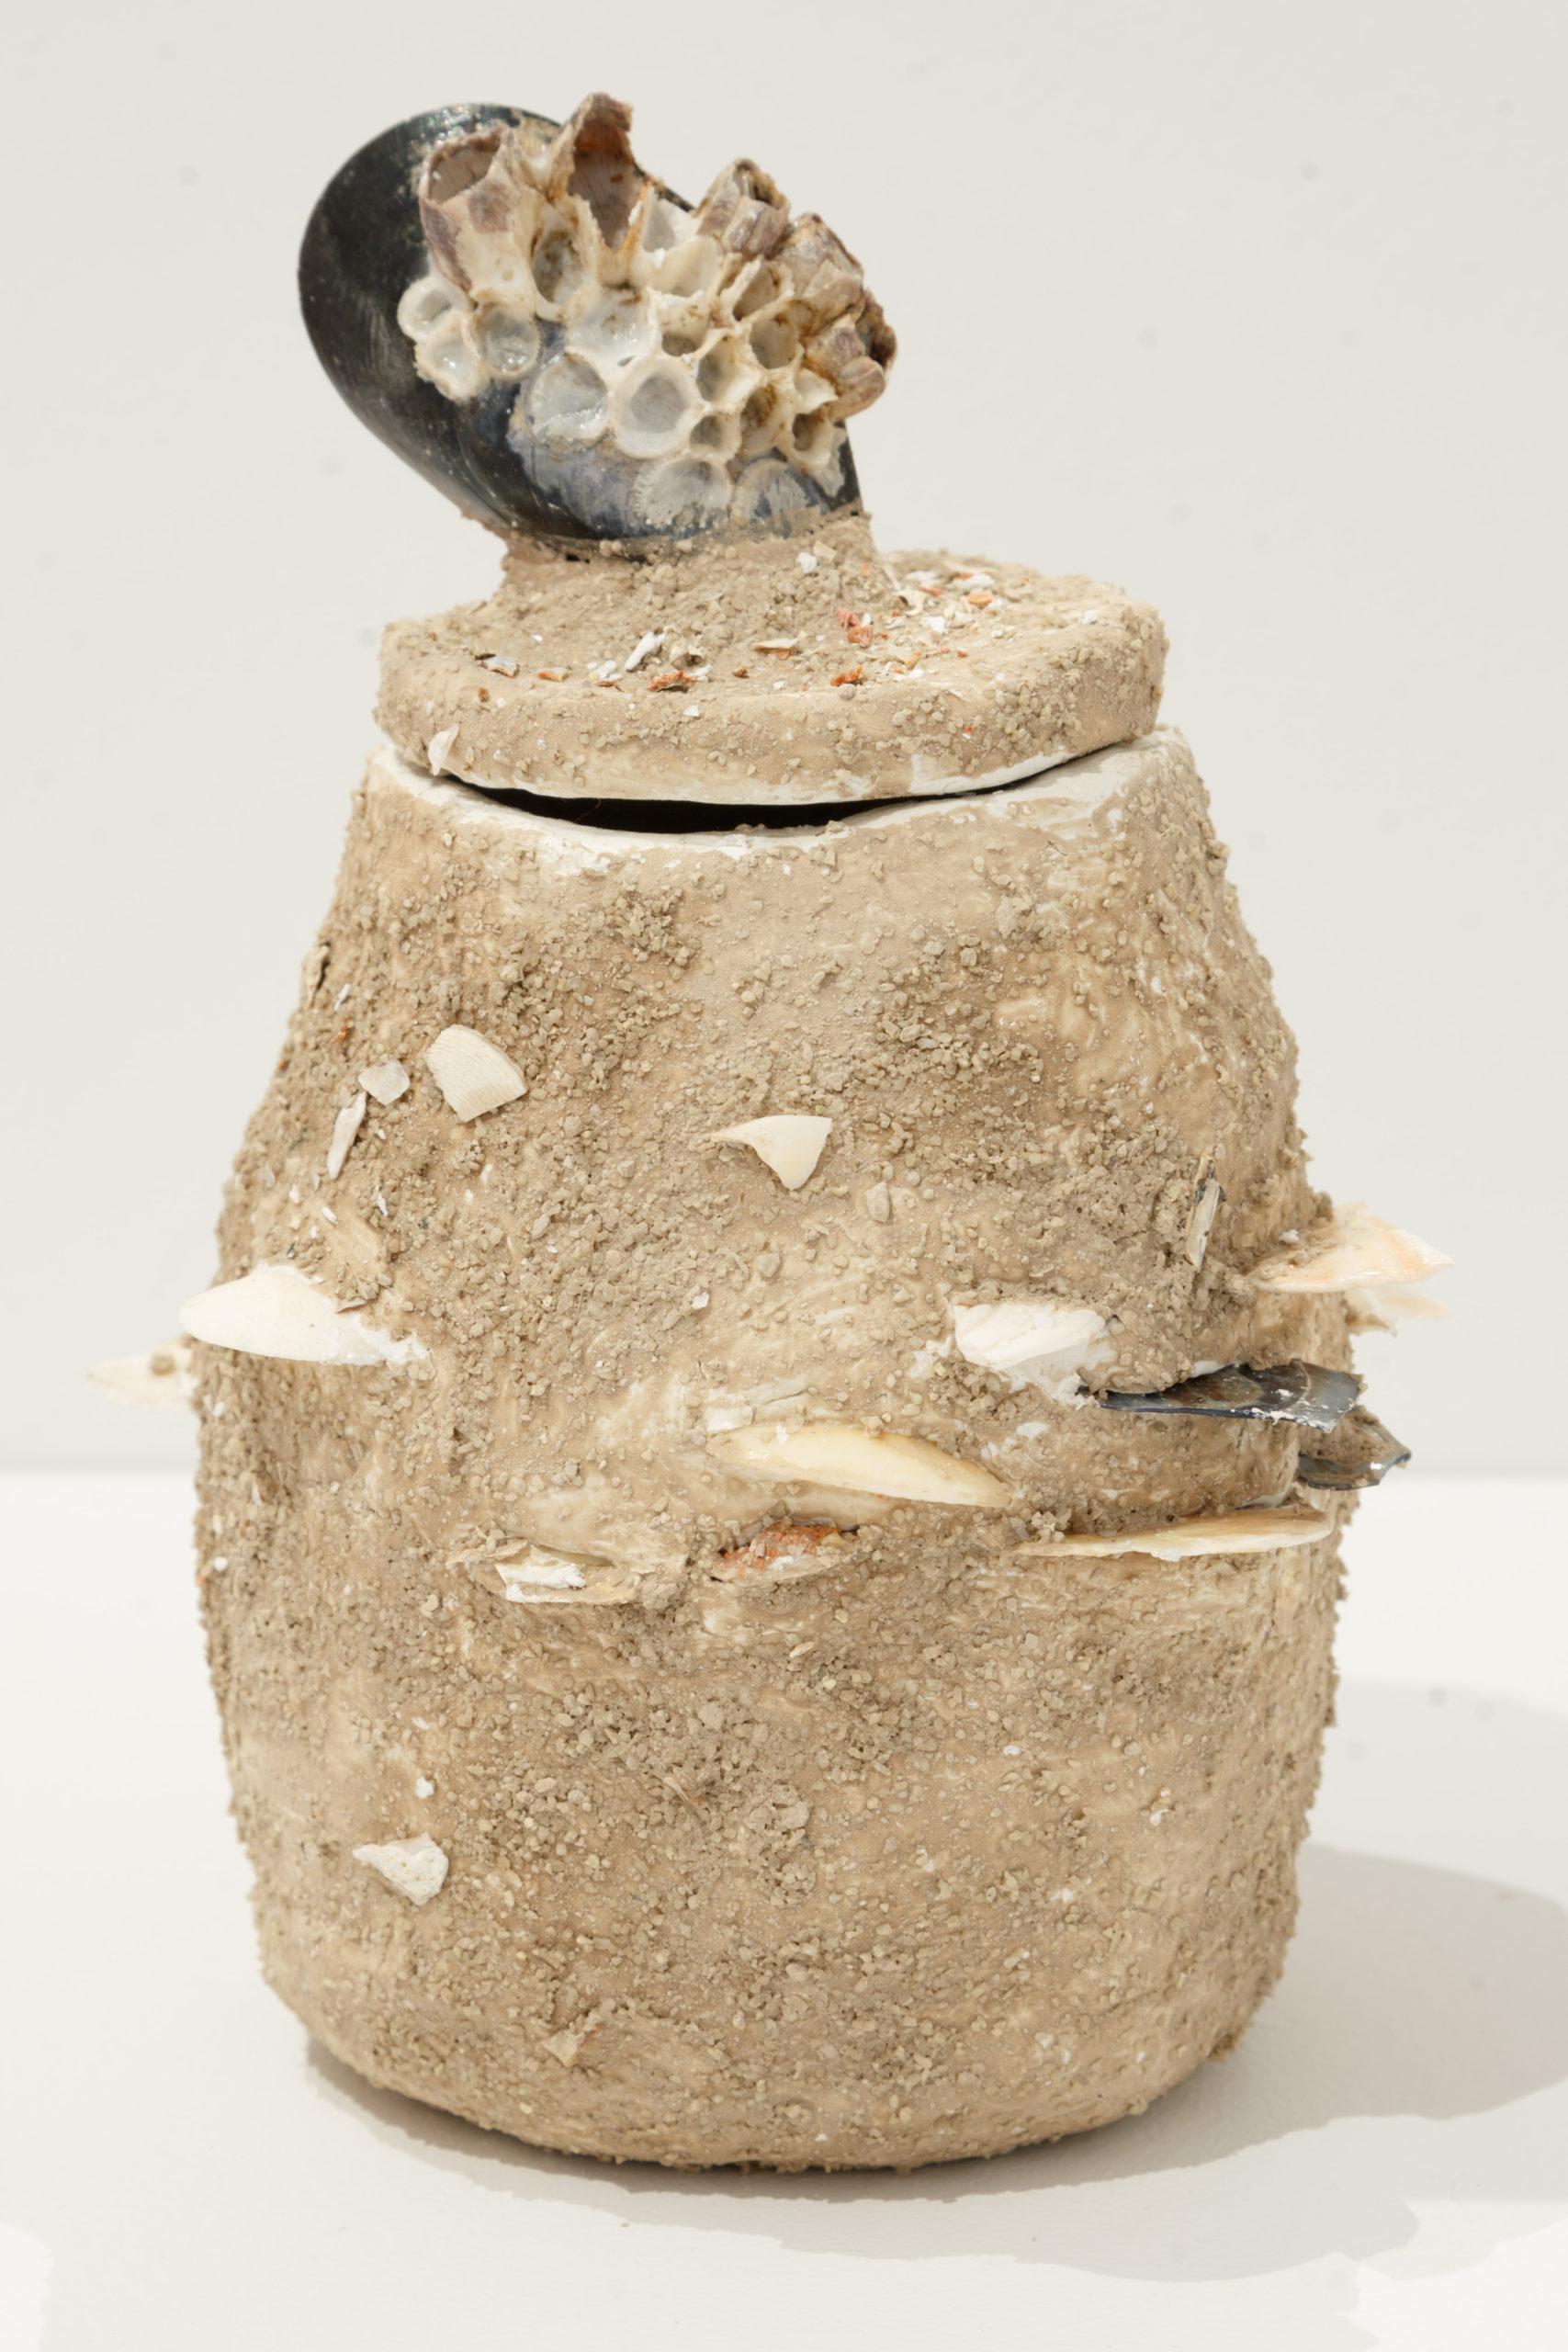 Baga-k gaabi brunga biik (Symbols in Sand)